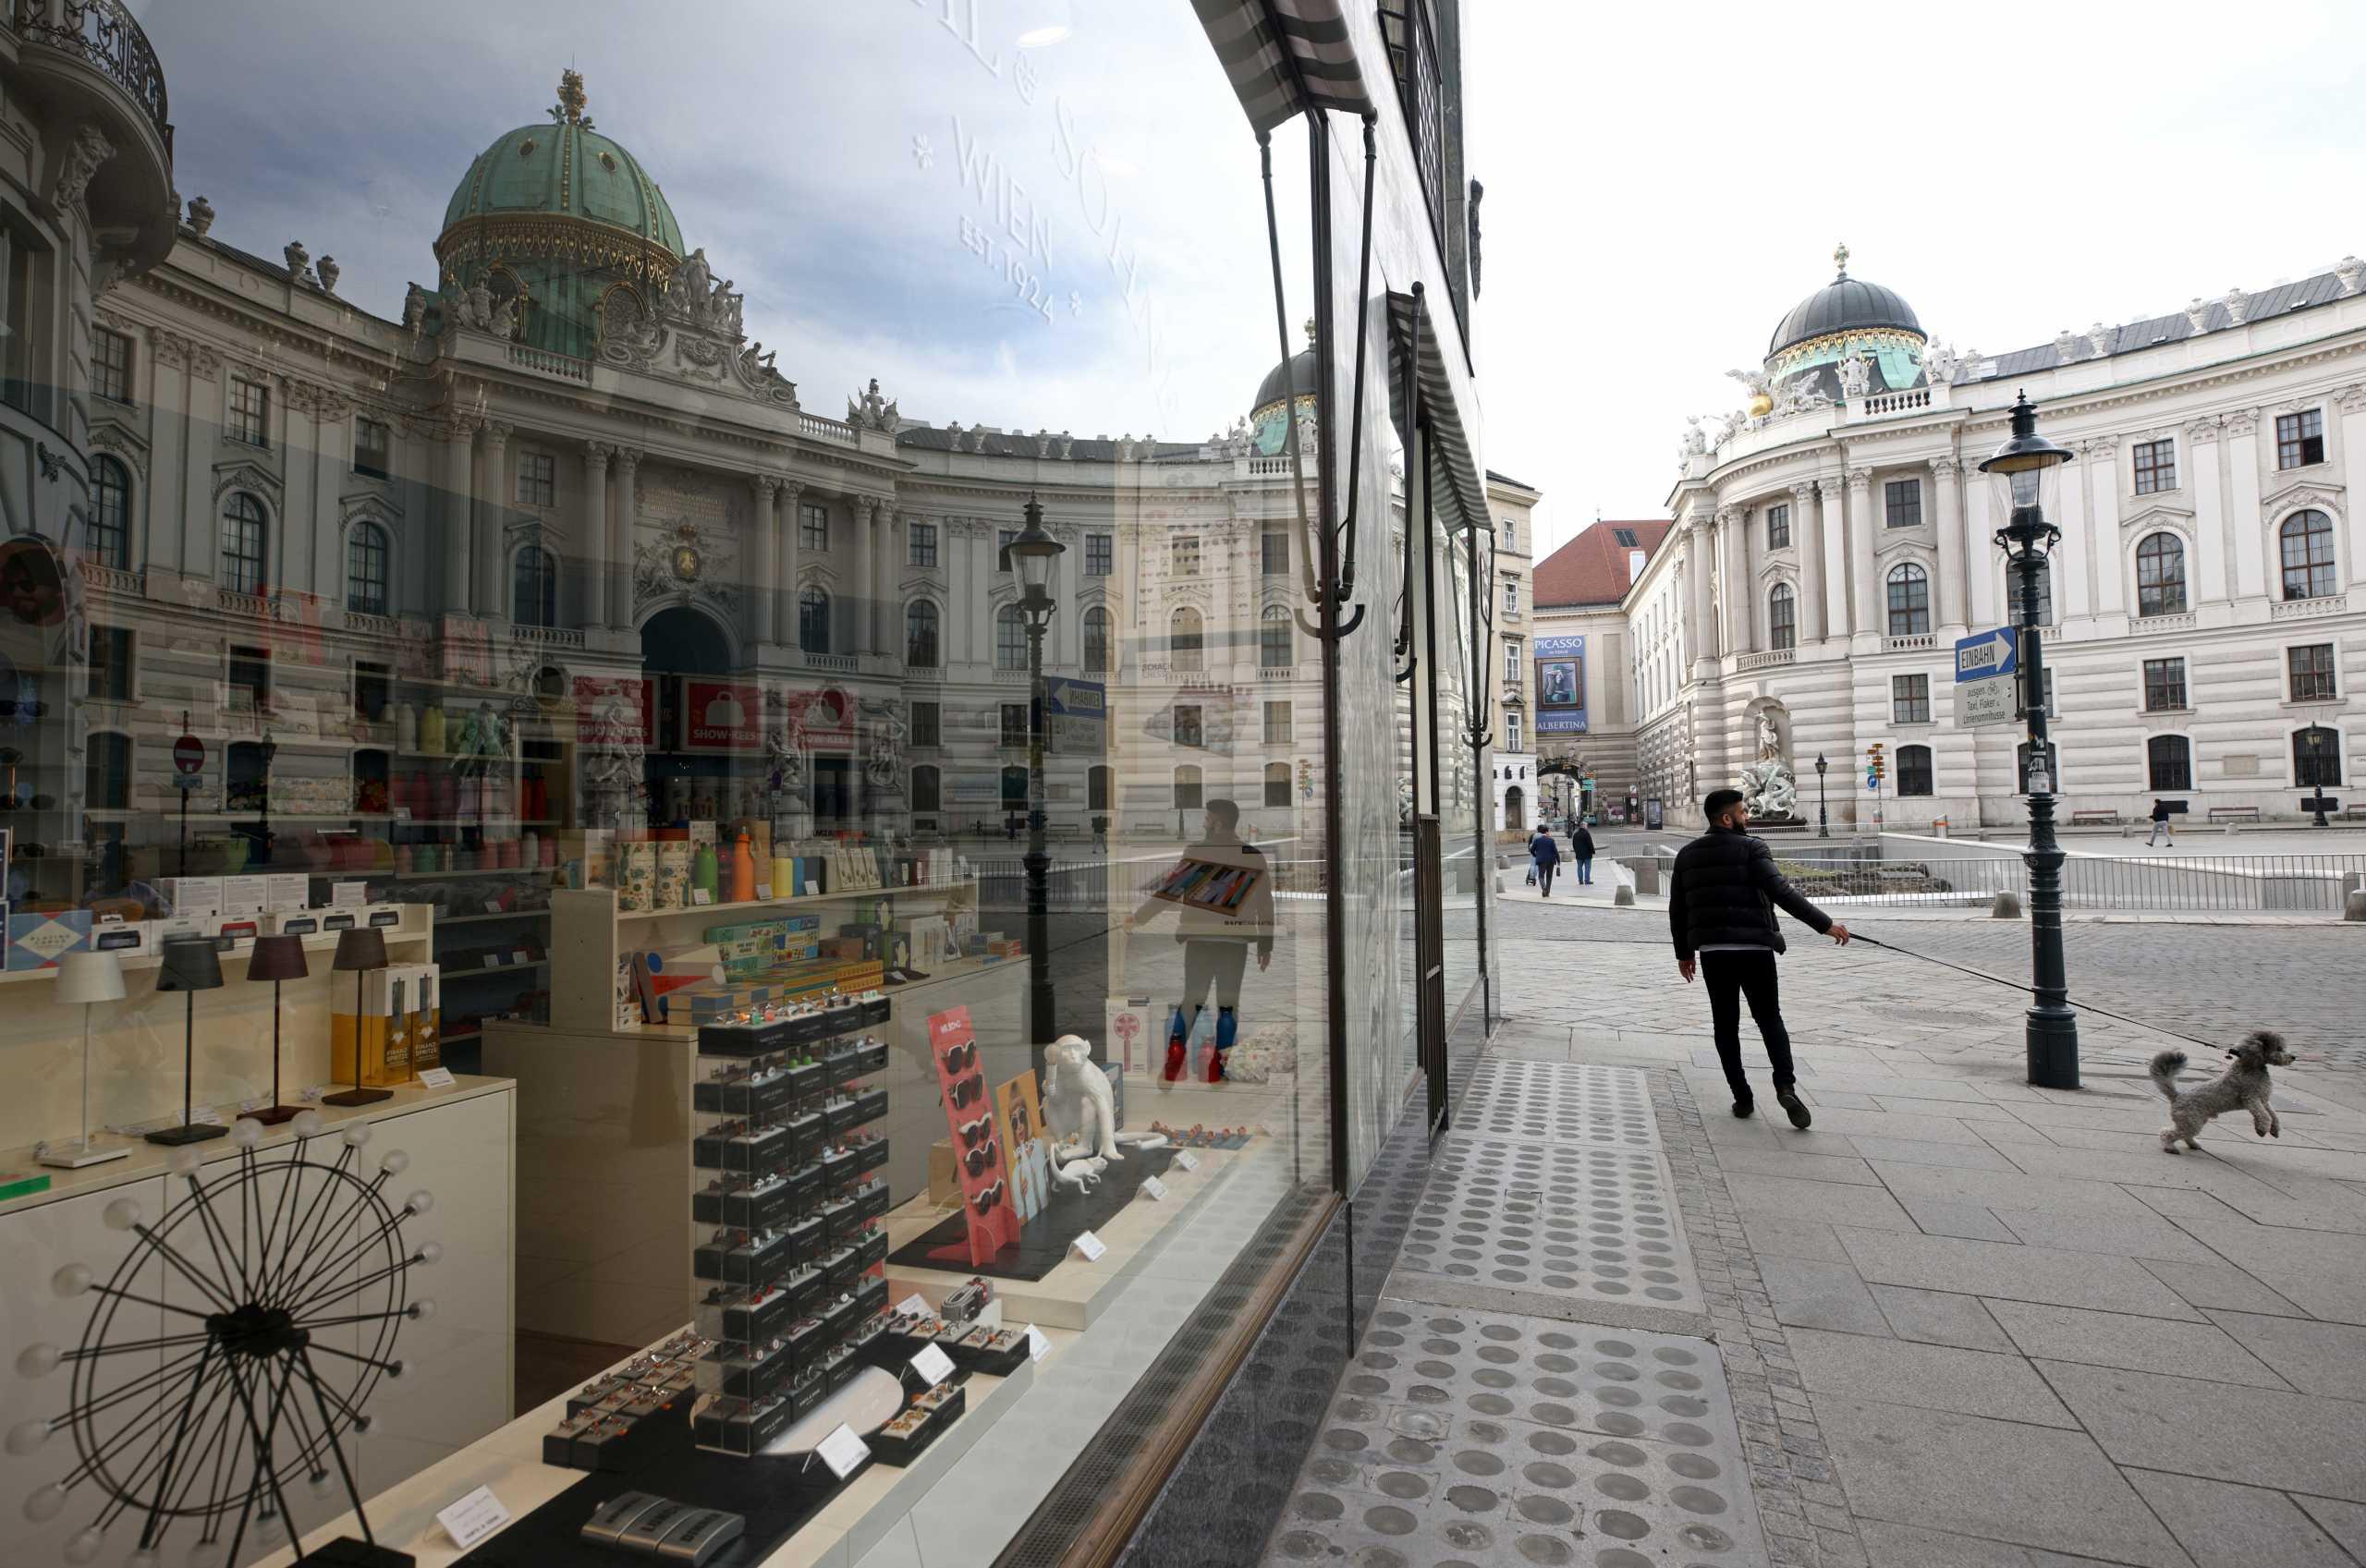 Ζητούν γενικό lockdown για όλη την Αυστρία και αγορά εμβολίων